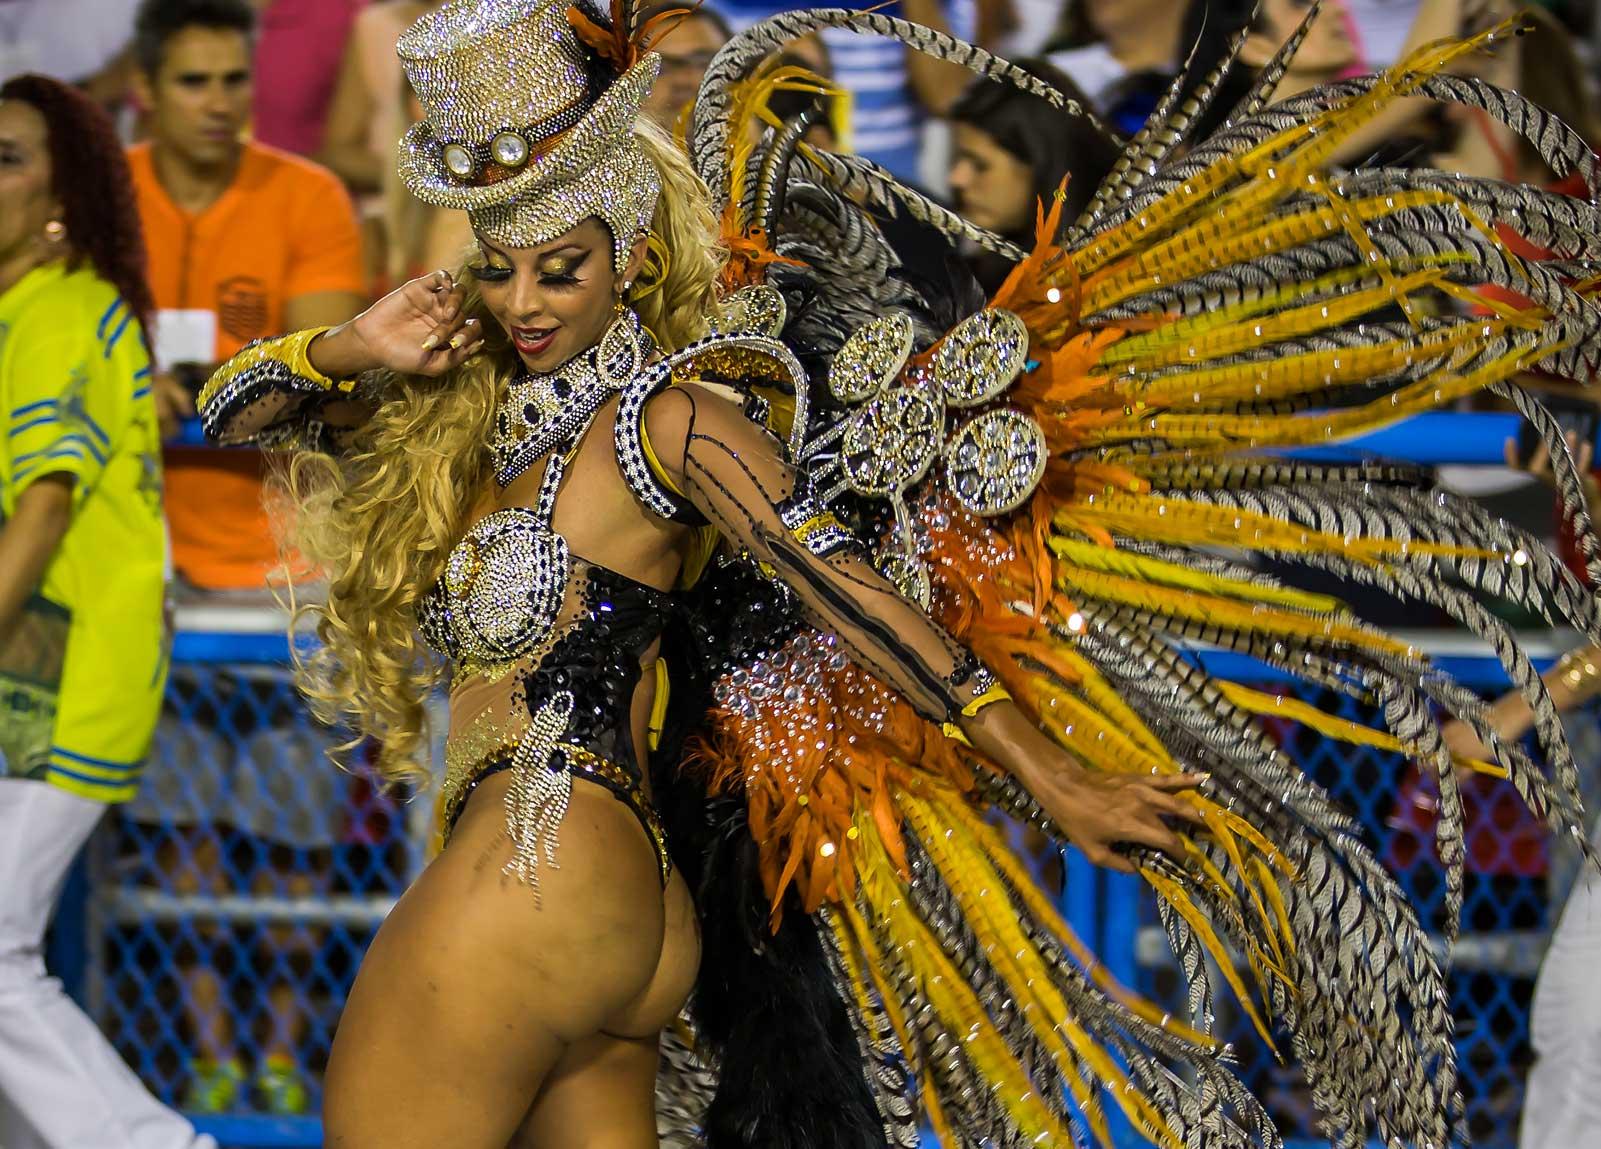 Ovogodišnji Karneval u Riju u znaku arapske kulture - CdM